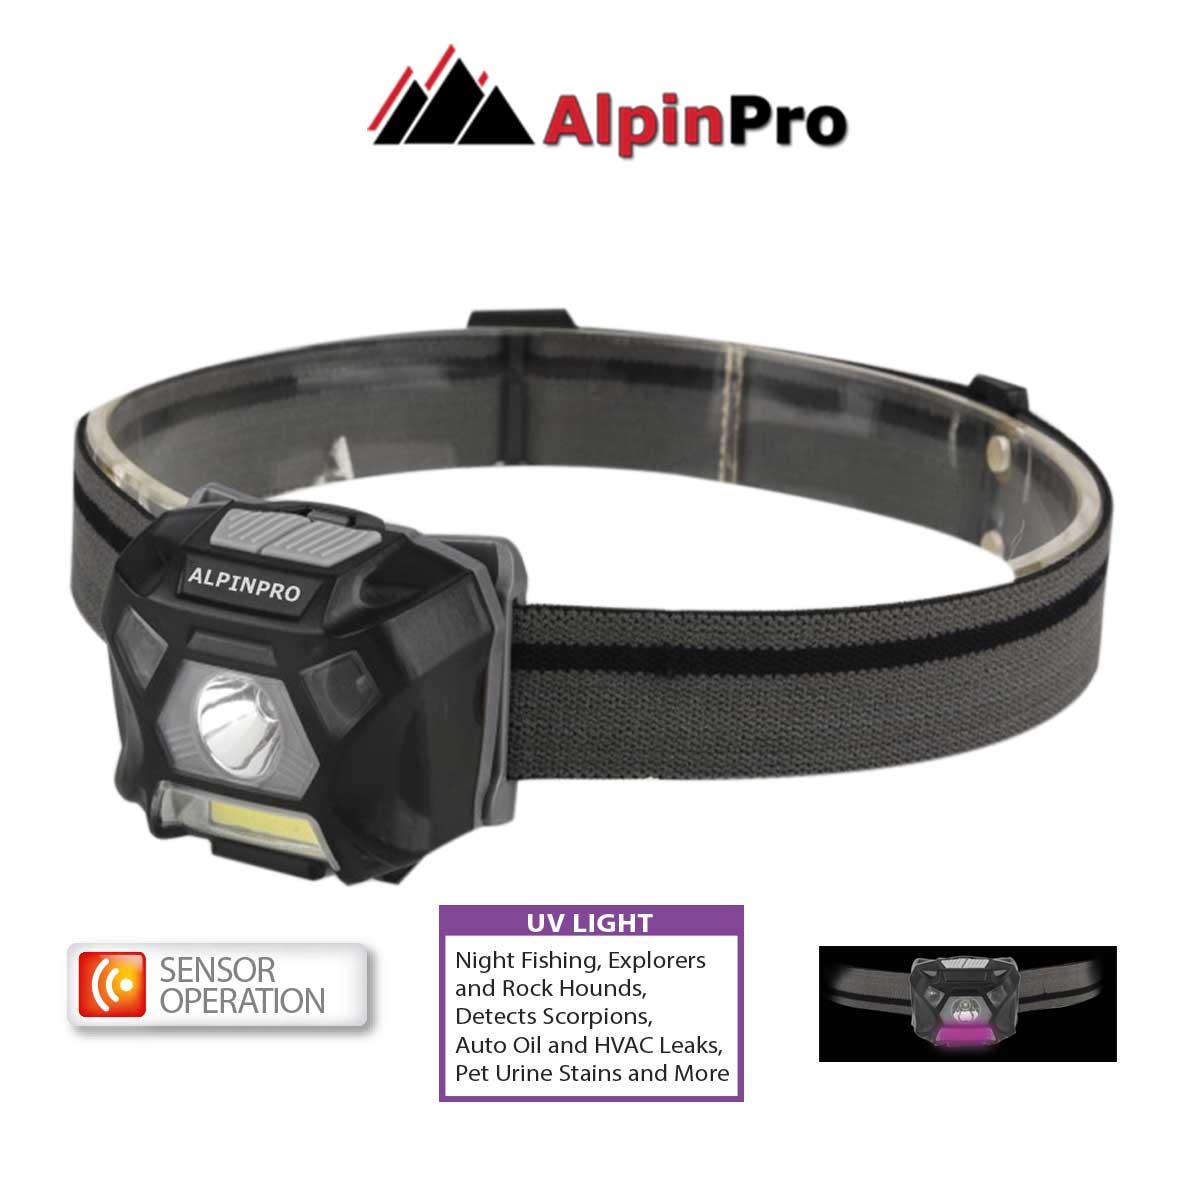 Φακός Κεφαλής Alpinpro με Sensor + Cob Uv